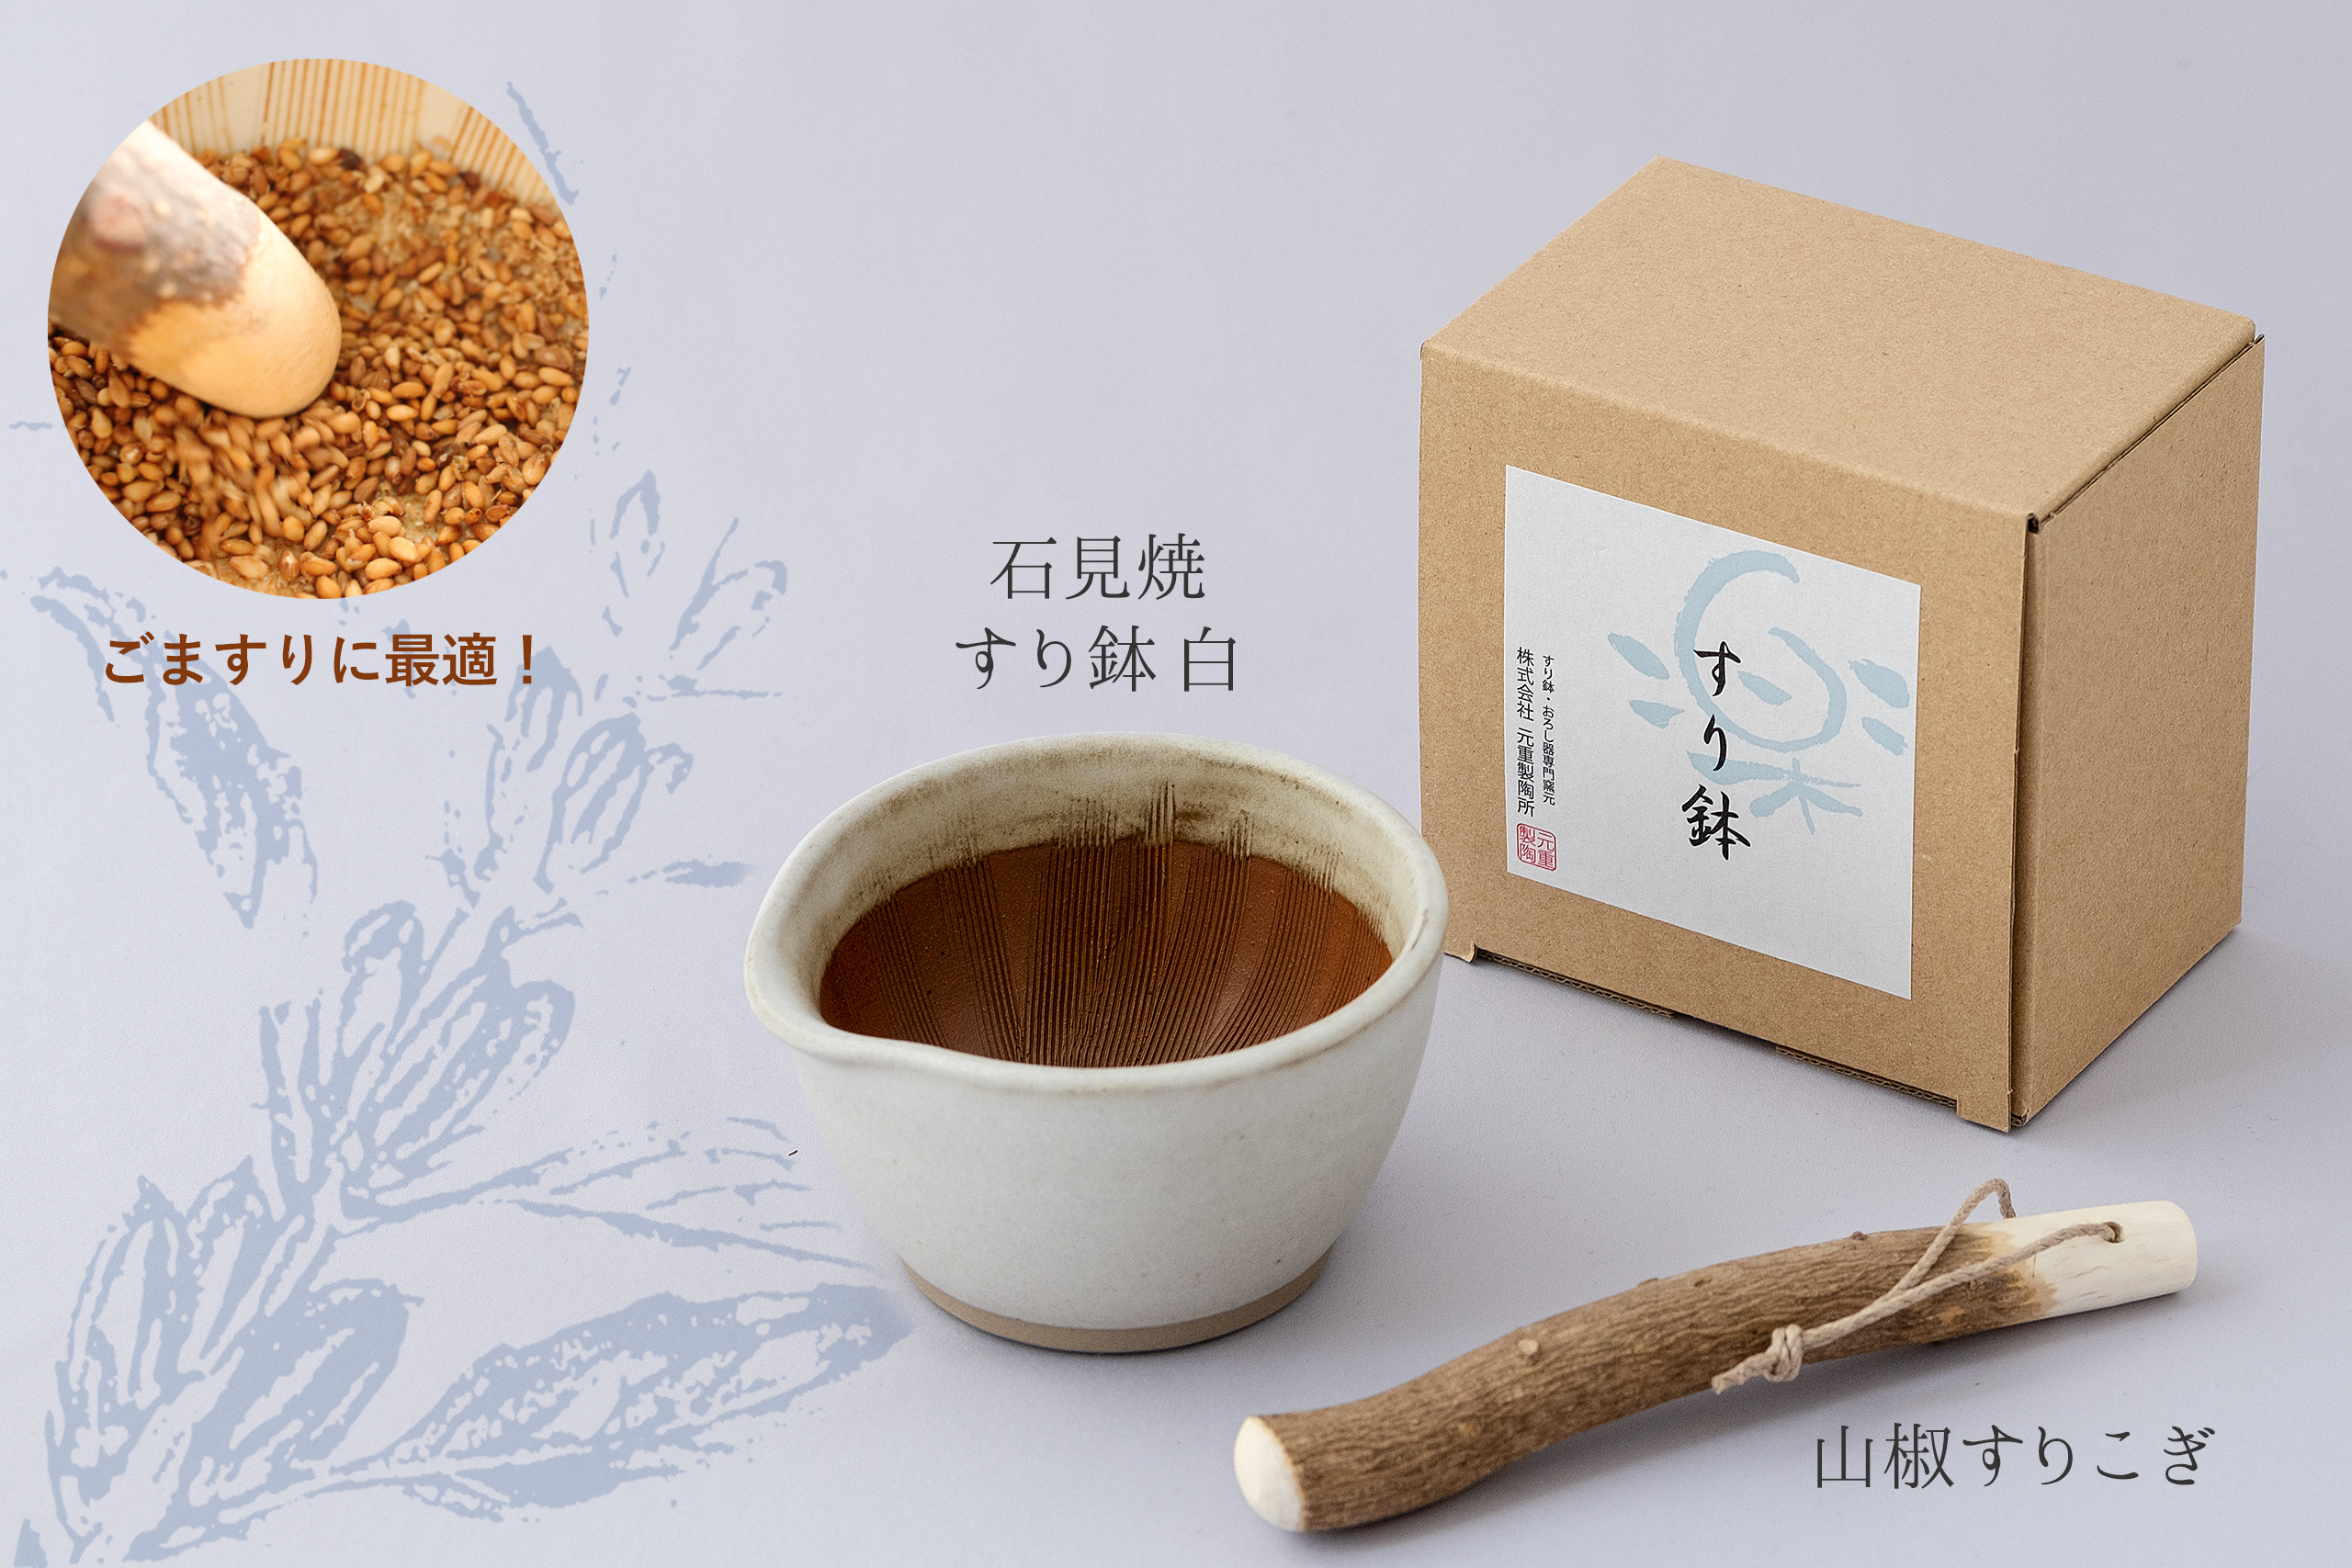 オリジナルすり鉢(白)と山椒すりこぎ